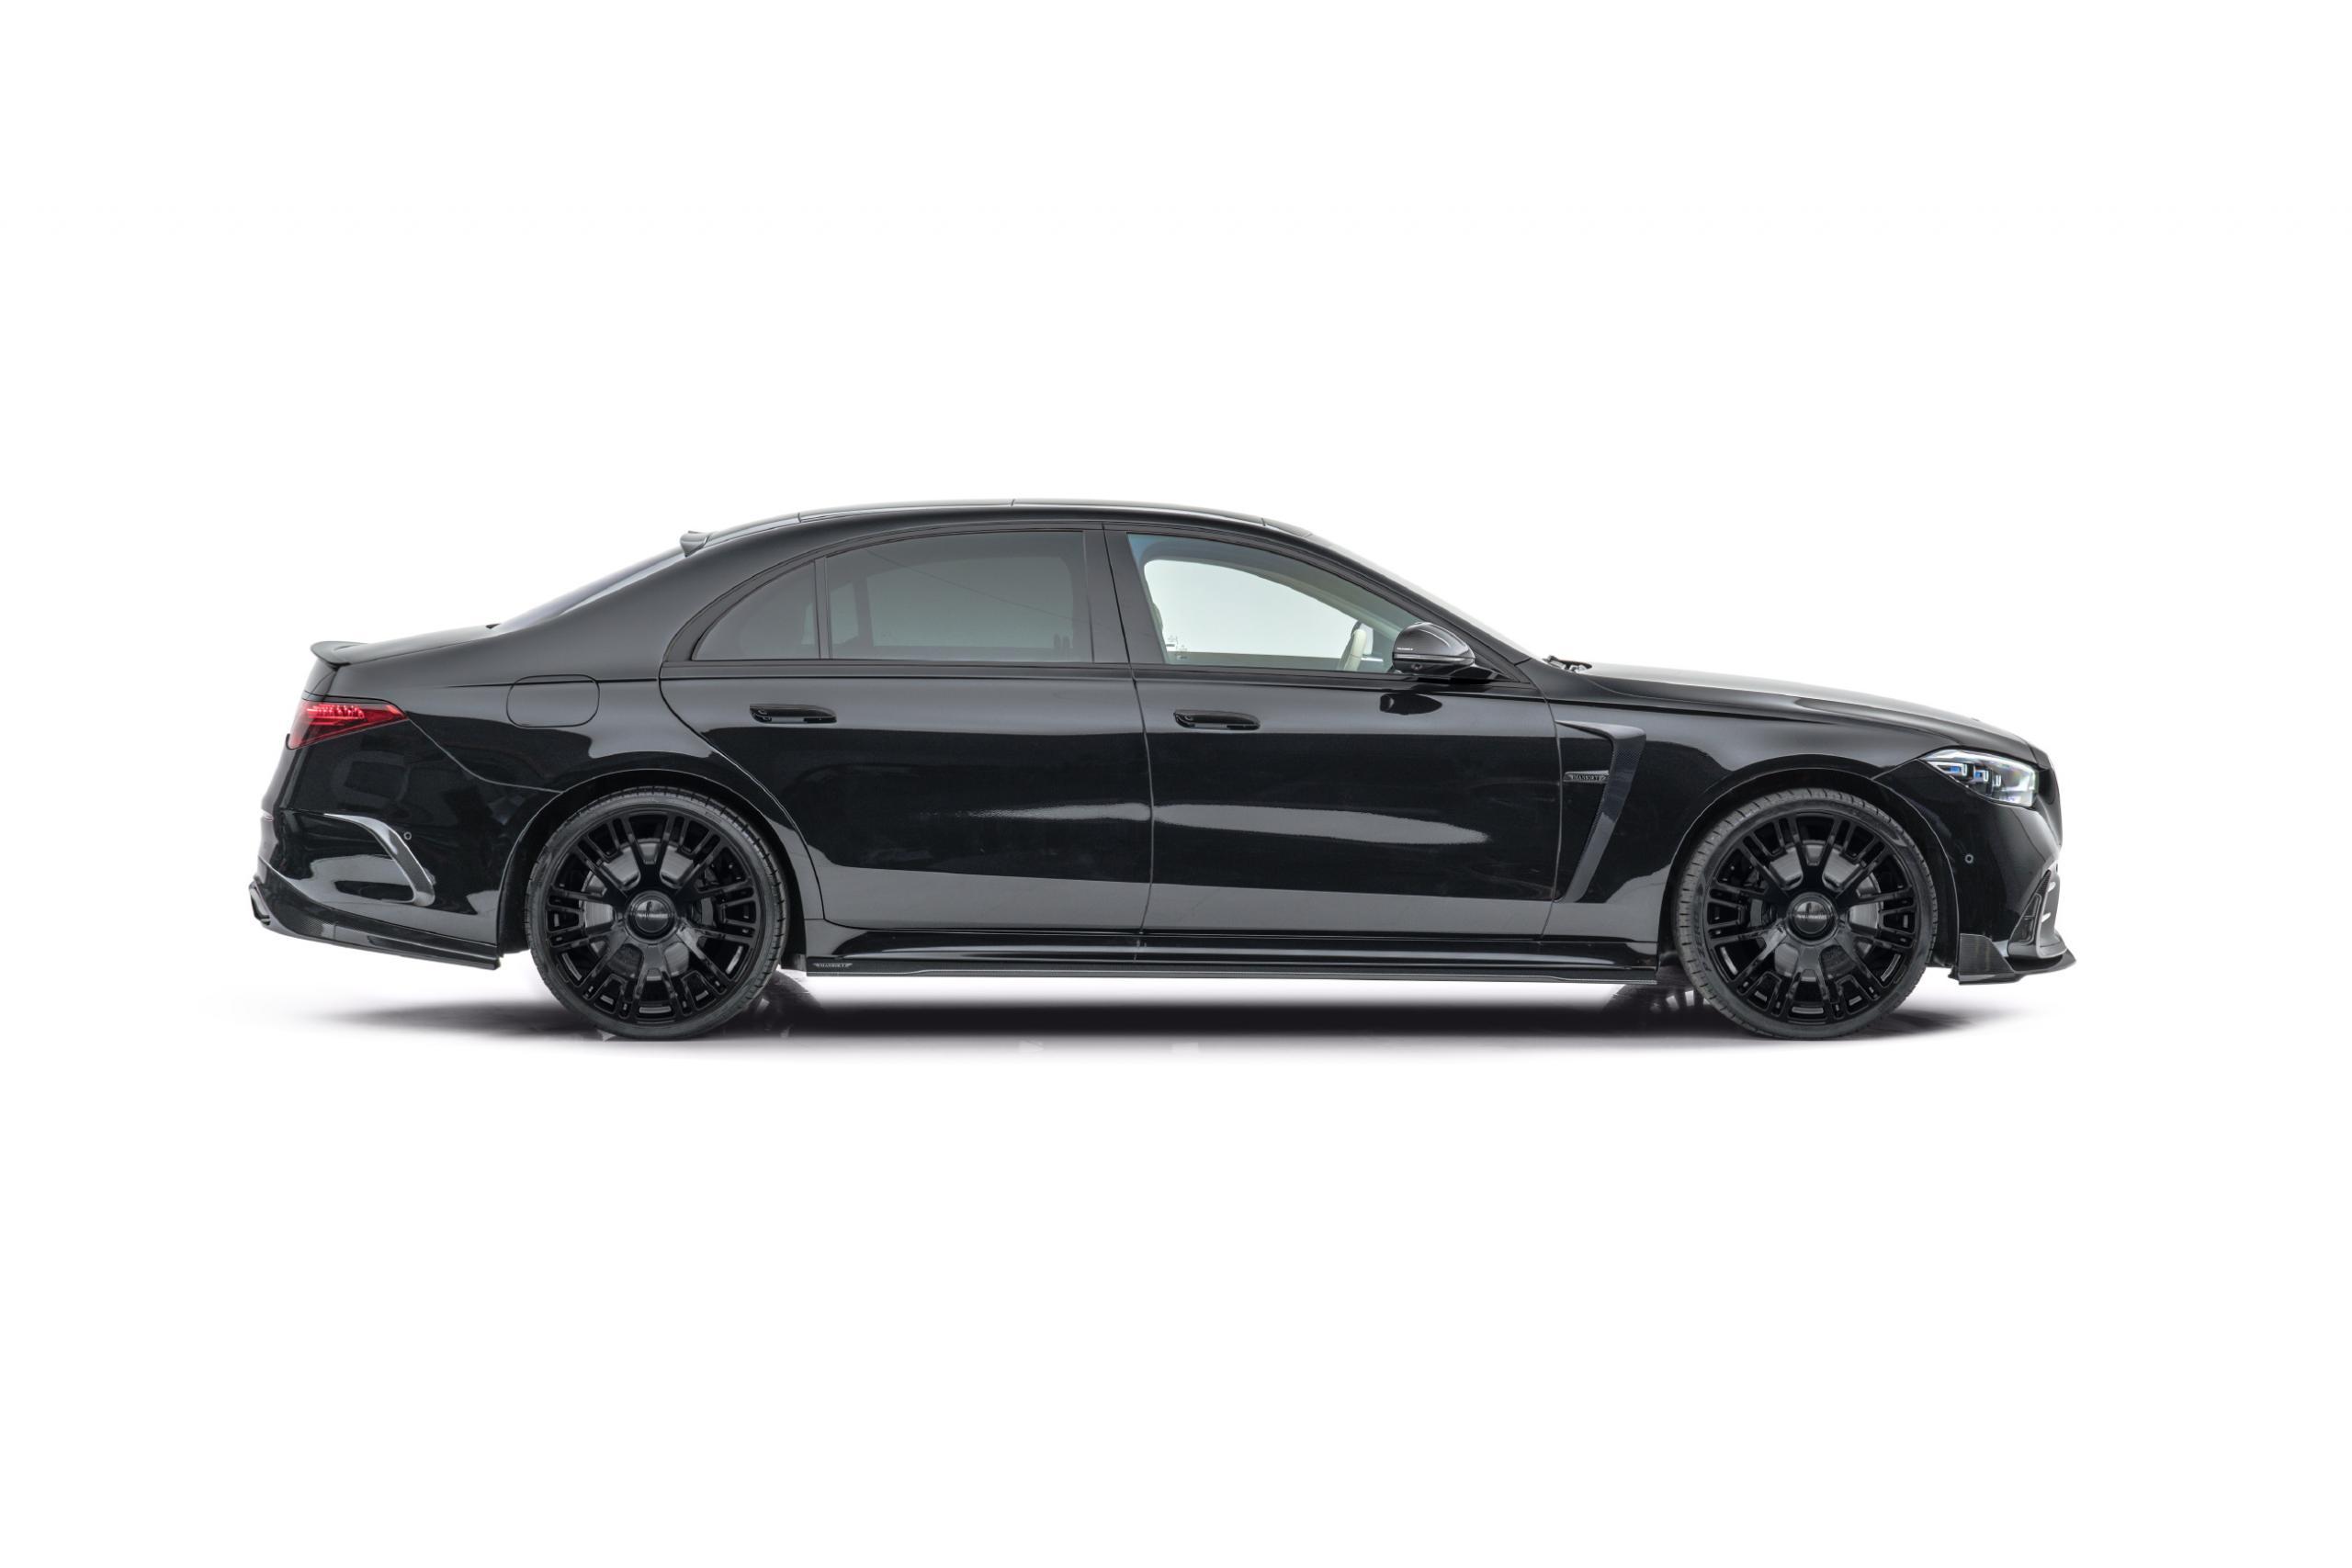 mansory w223 mercedes s class body kit carbon fiber fender mirror cover side skirt set gloss black v6 22 wheel 2021 2022 2023